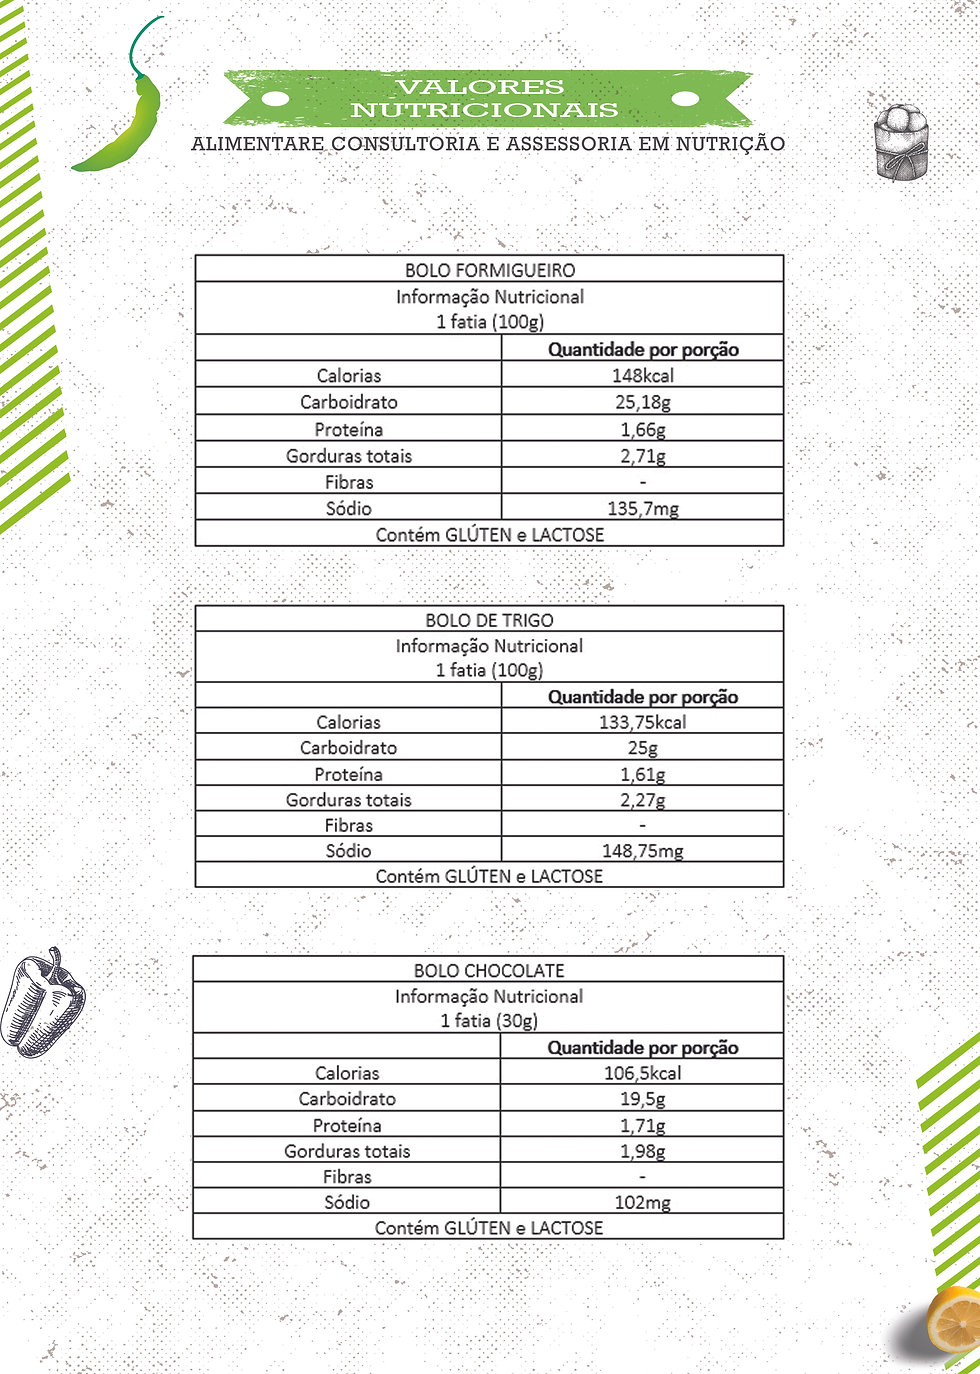 VALORES NUTRICIONAIS PAG 1.jpg